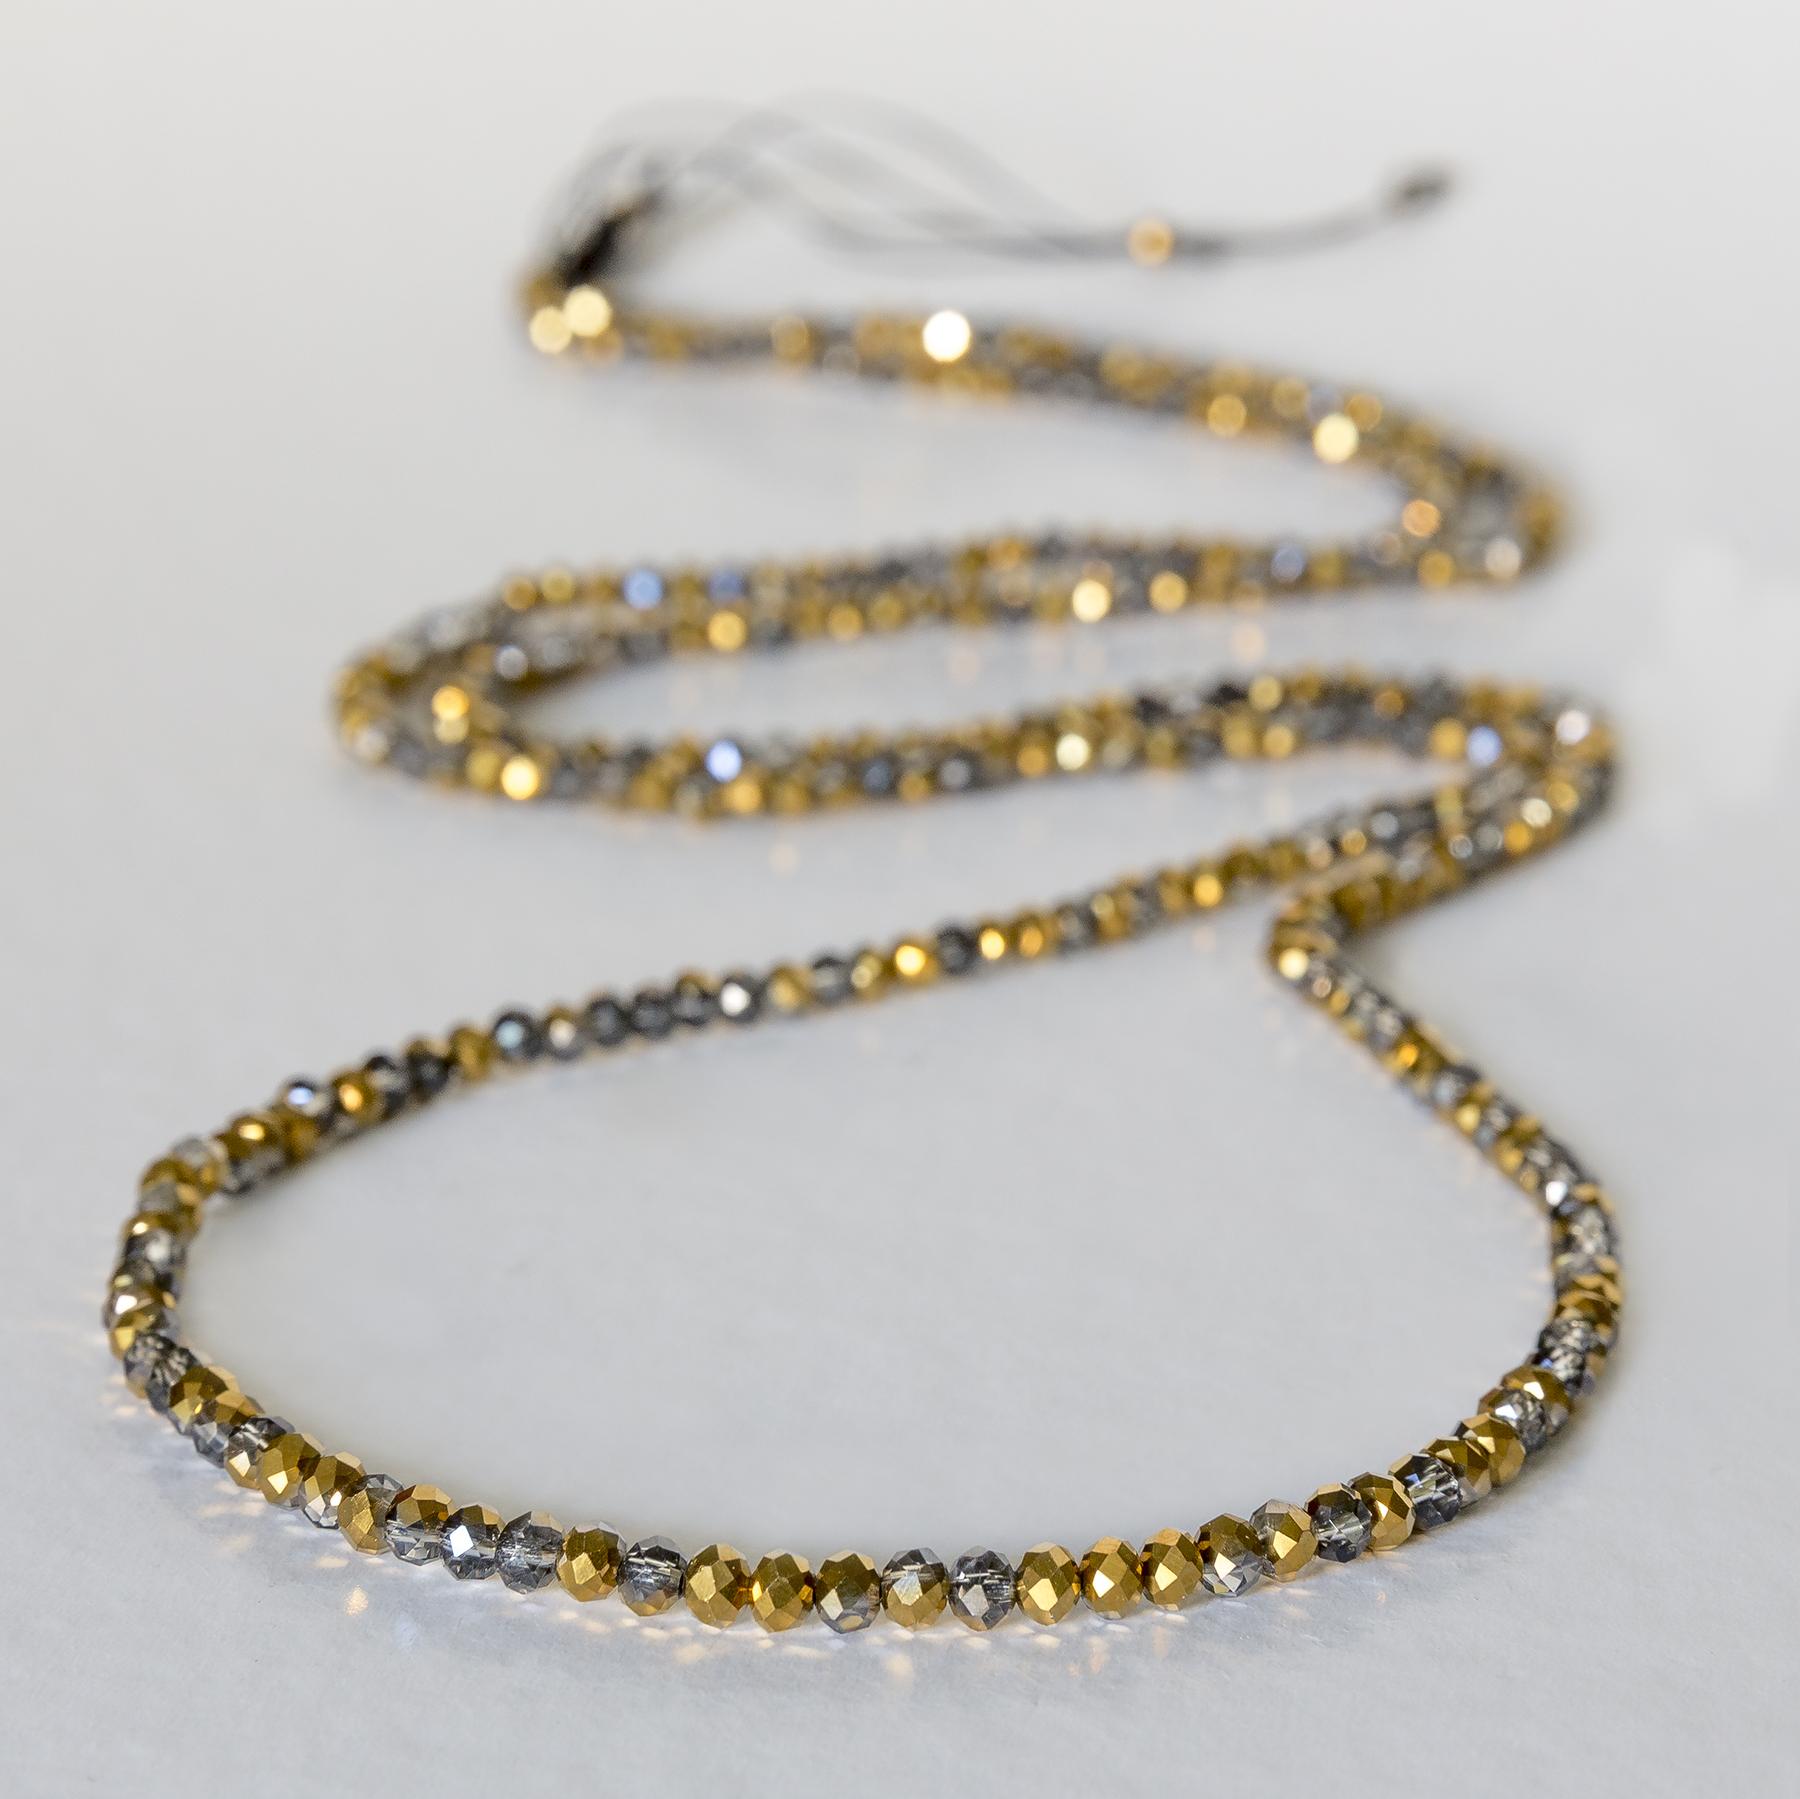 Χειροποίητο Μακρύ κολιέ από δίχρομες κρυστάλλινες χάντρες (χρυσό ... bfe01a9fd73